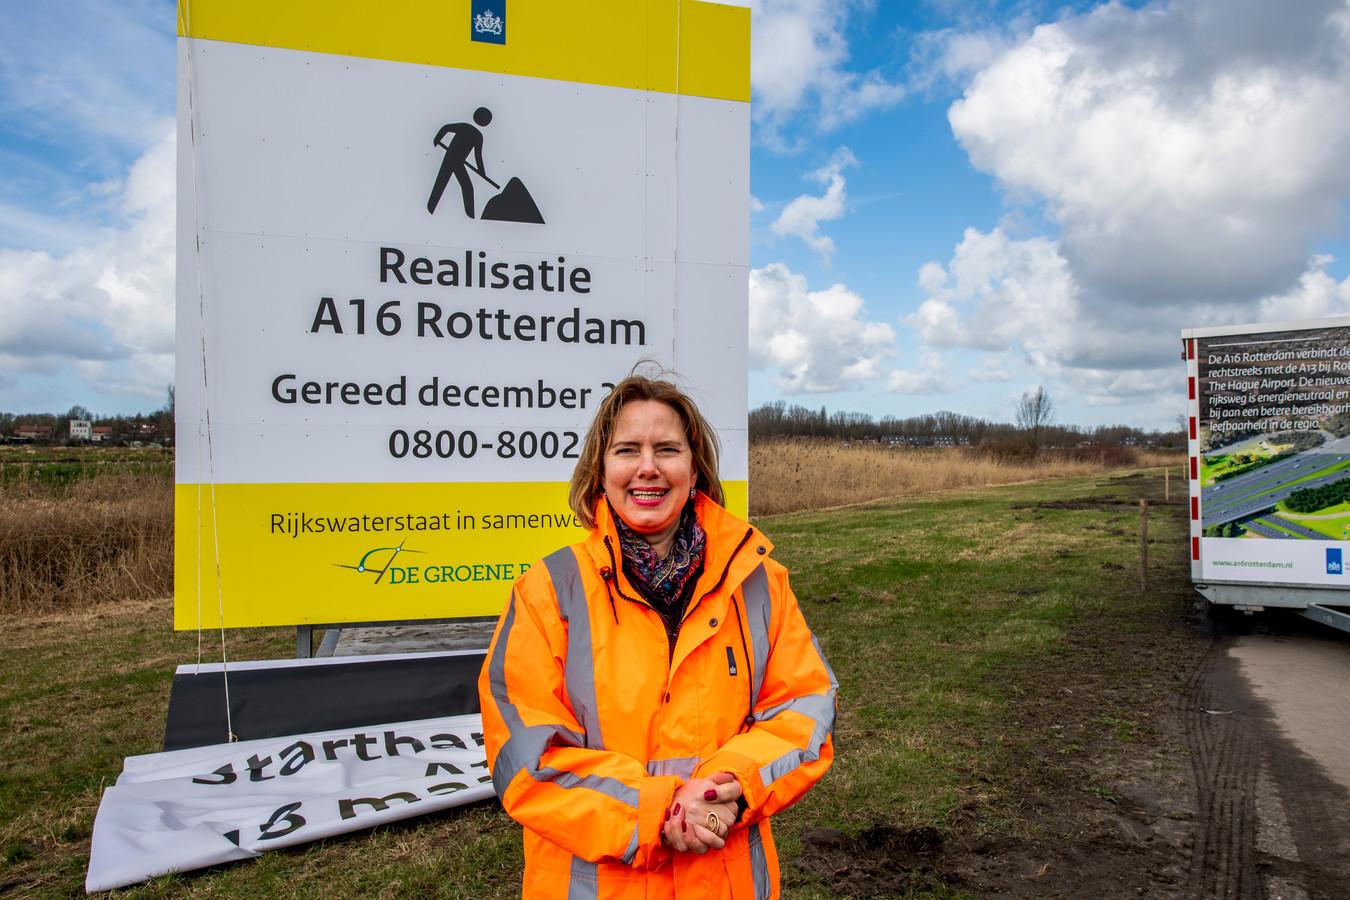 Minister Cora van Nieuwenhuizen (Infrastructuur) gaf in maart 2019 in Rotterdam-Ommoord het startsein voor de aanleg van de nieuwe rijksweg A16 Rotterdam. De opening loopt nu een jaar vertraging op. Dat wordt pas 2025.